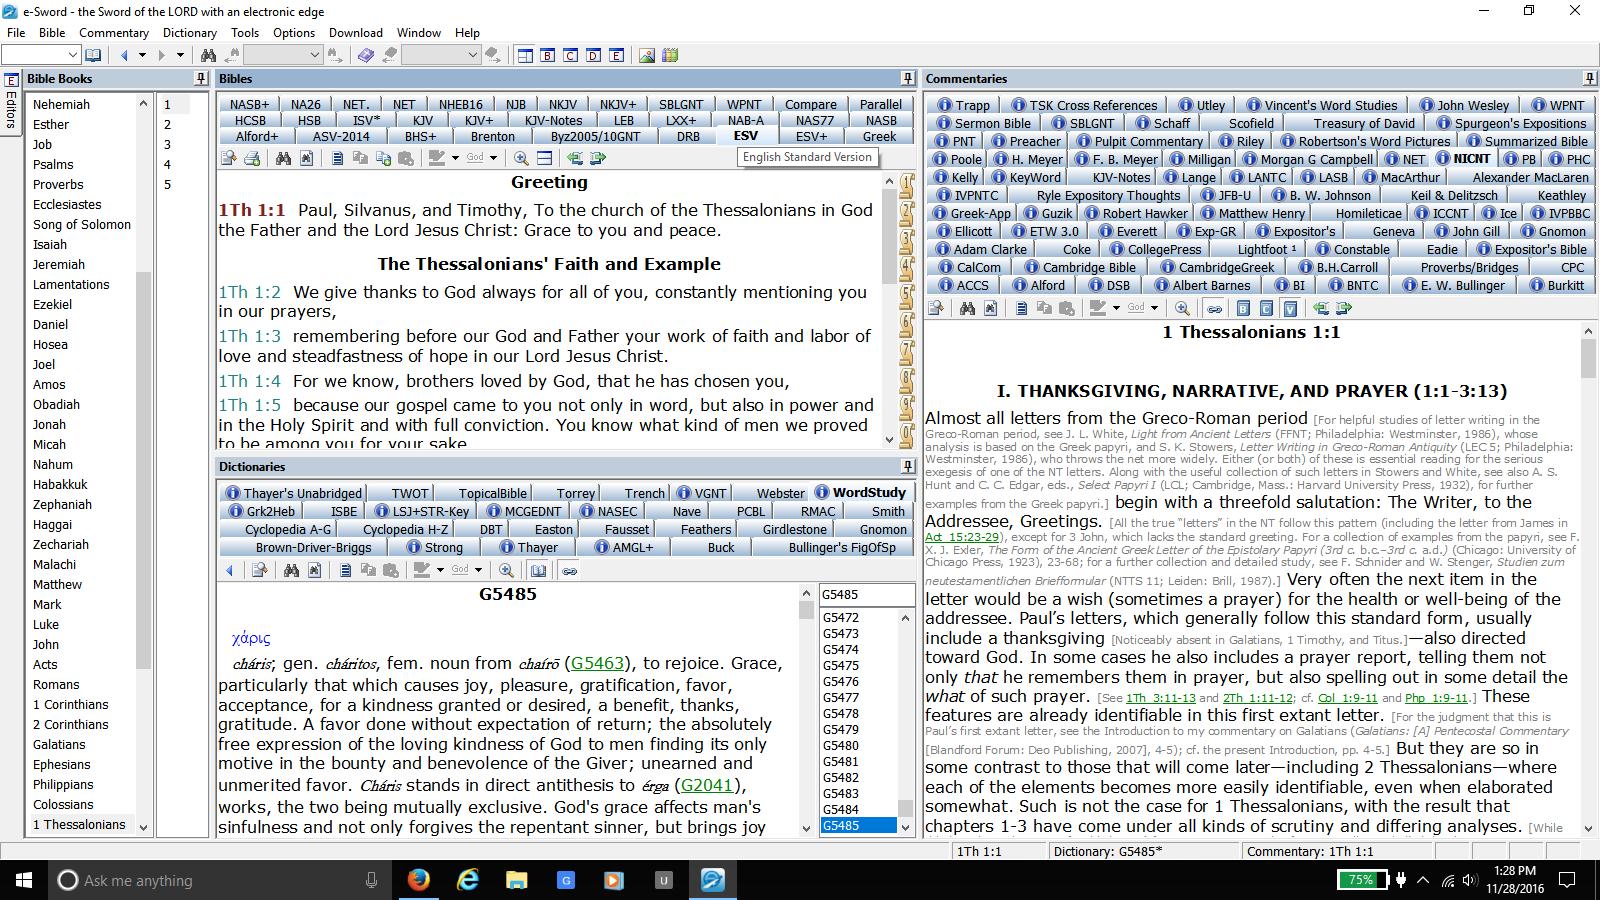 Reformed Baptist Blog: Excellent ESV Resources for e-Sword